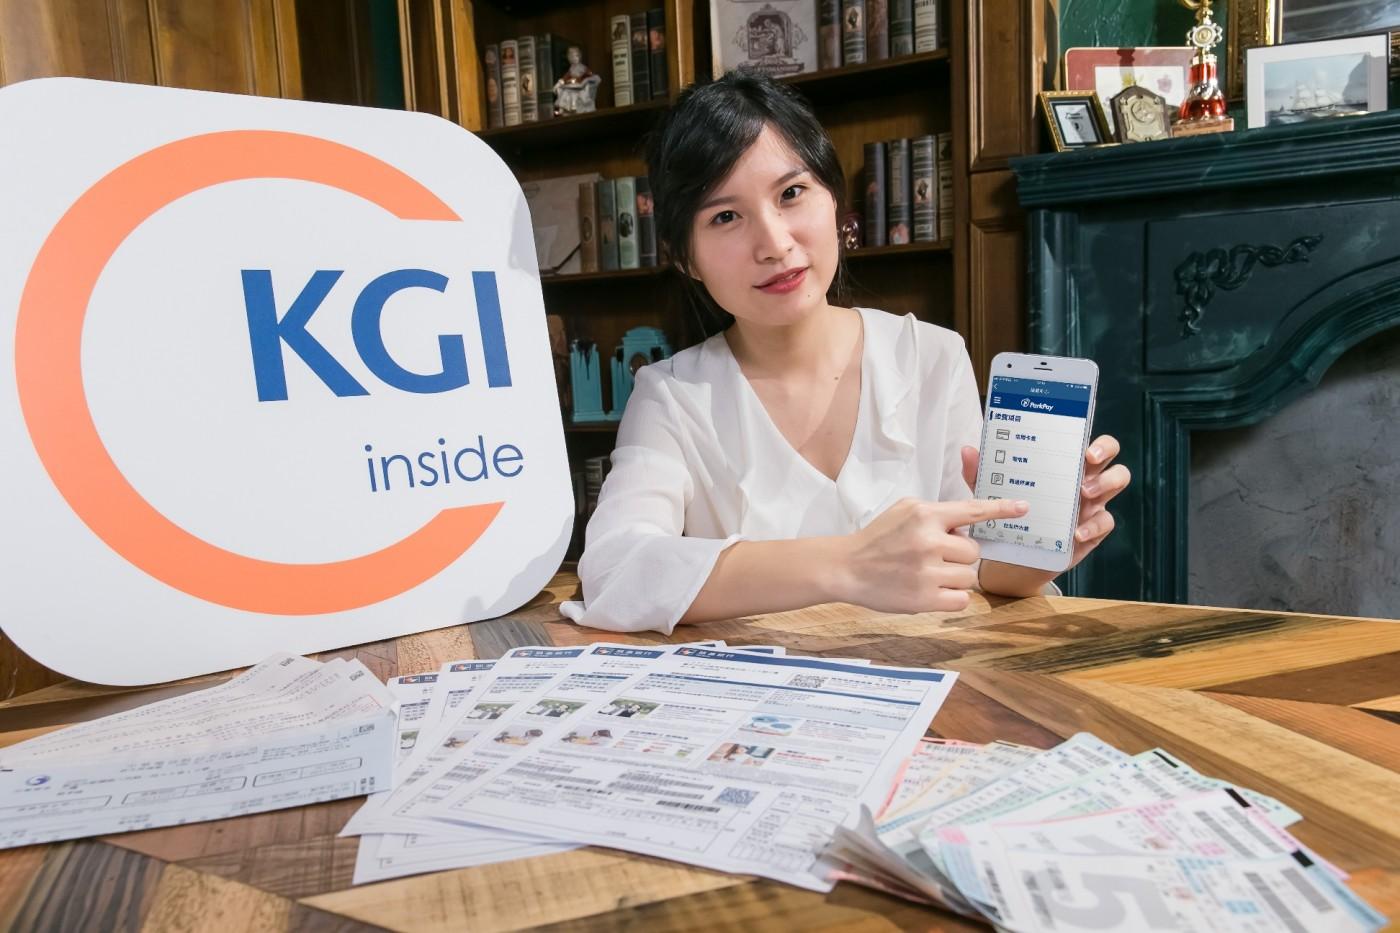 凱基銀行參與台灣微軟2018亞太技術年會「AI 產業應用發表會」 另新增社區及停車繳費App夥伴 「KGI inside」再下一城